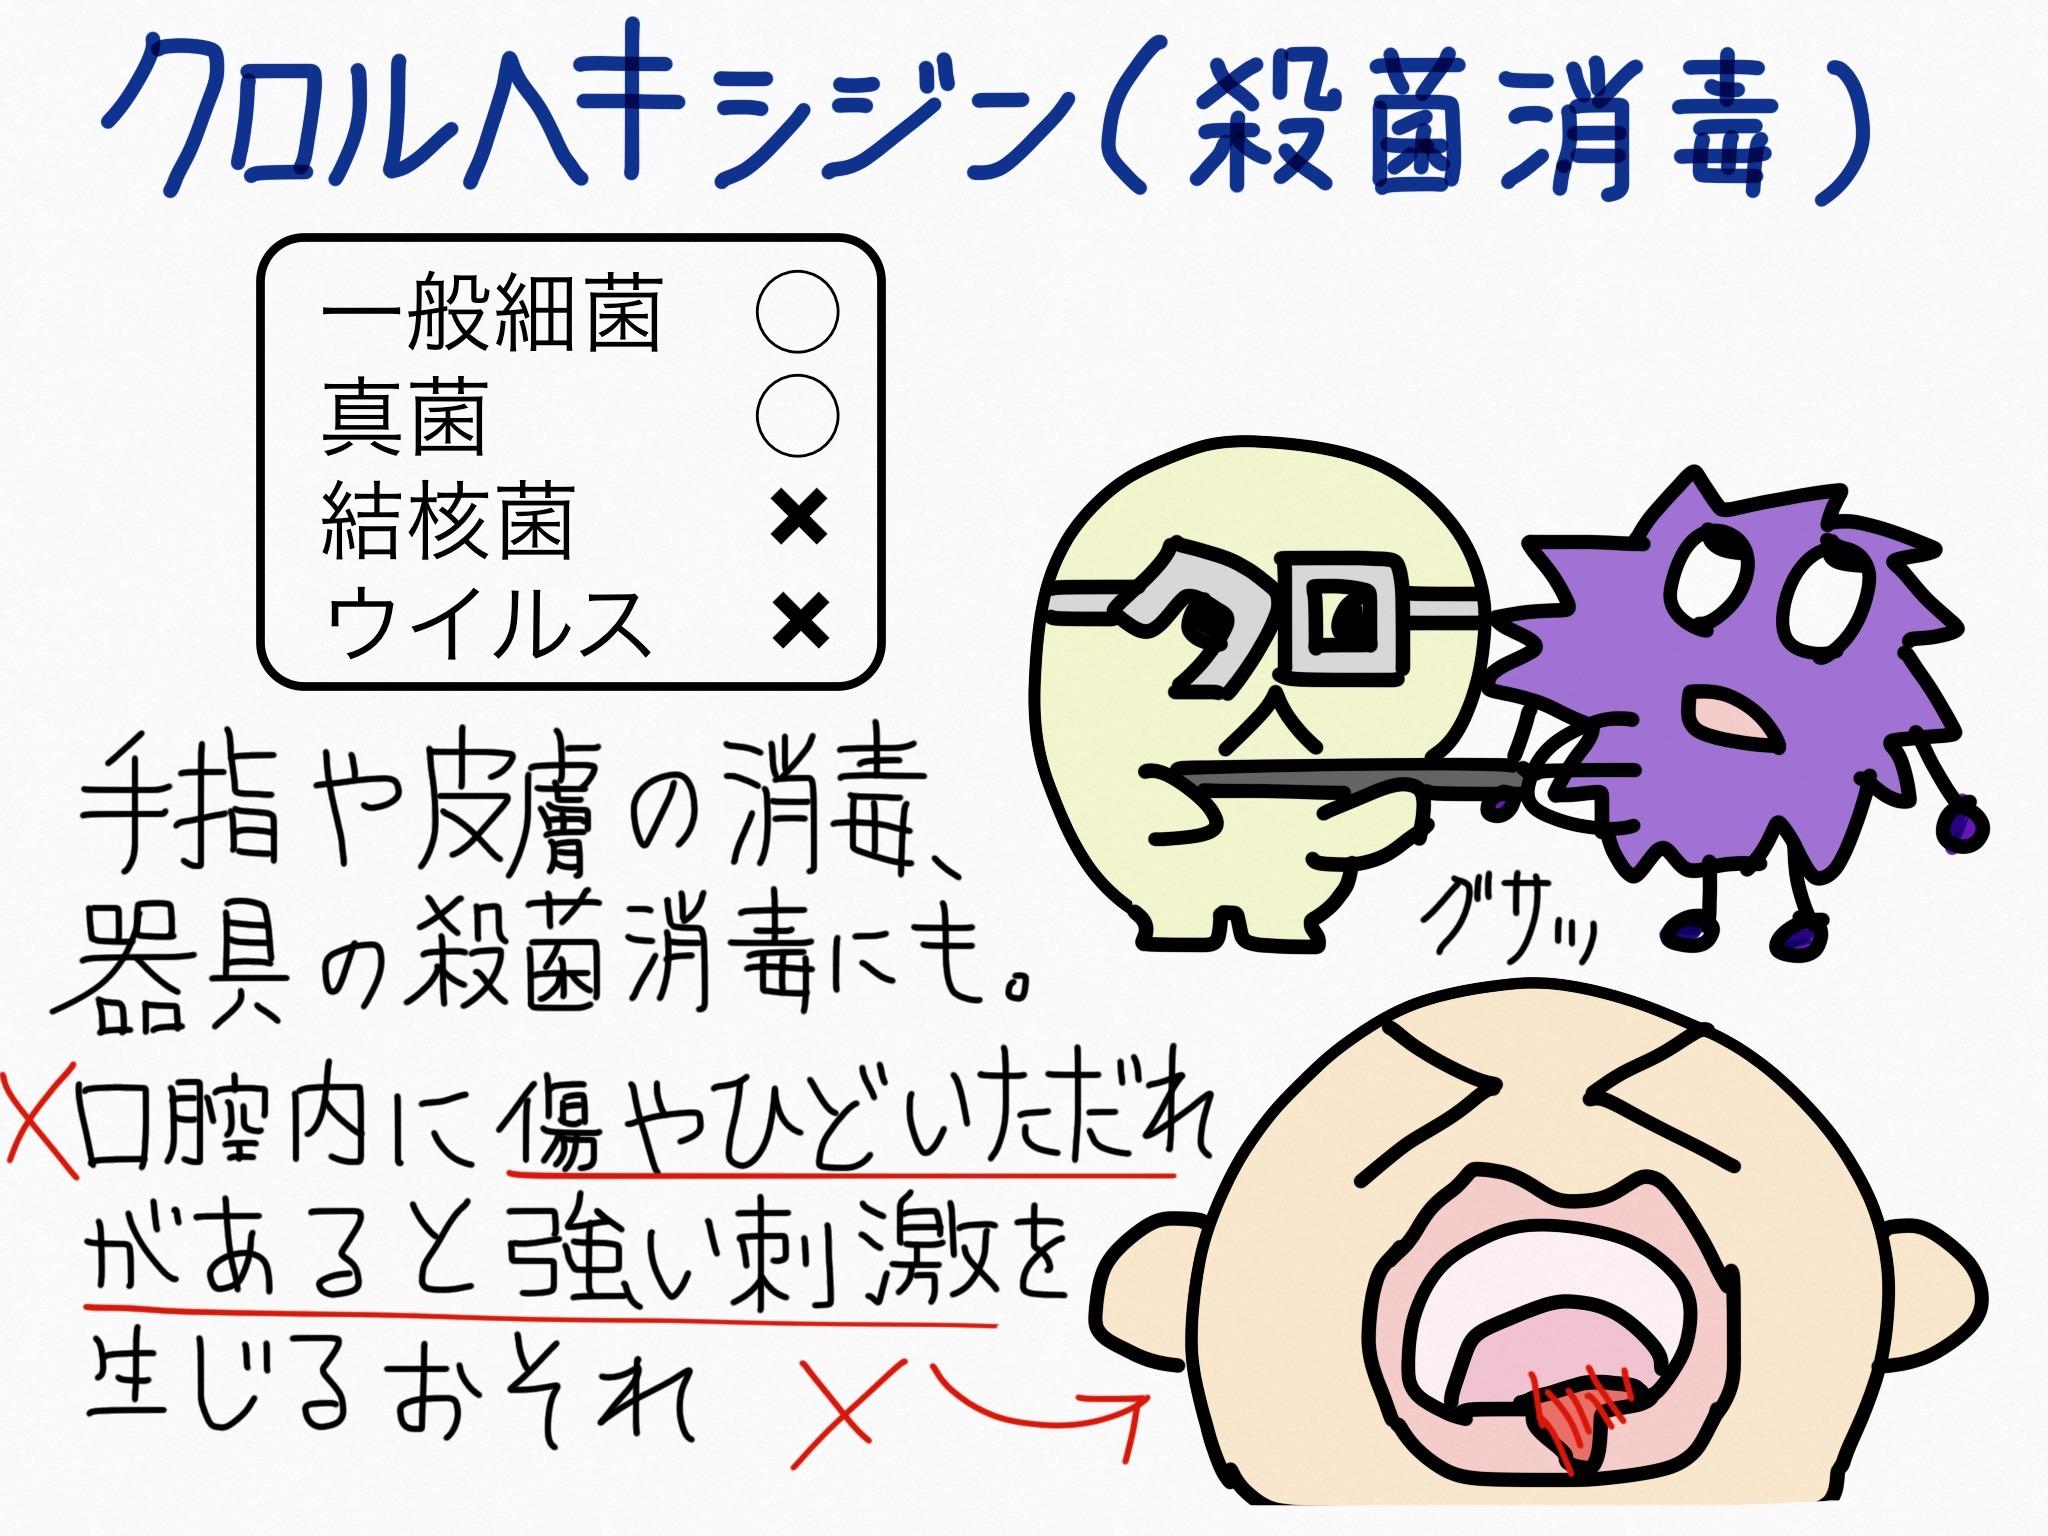 クロルヘキシジングルコン酸塩、クロルヘキシジン塩酸塩・殺菌消毒成分の覚え方